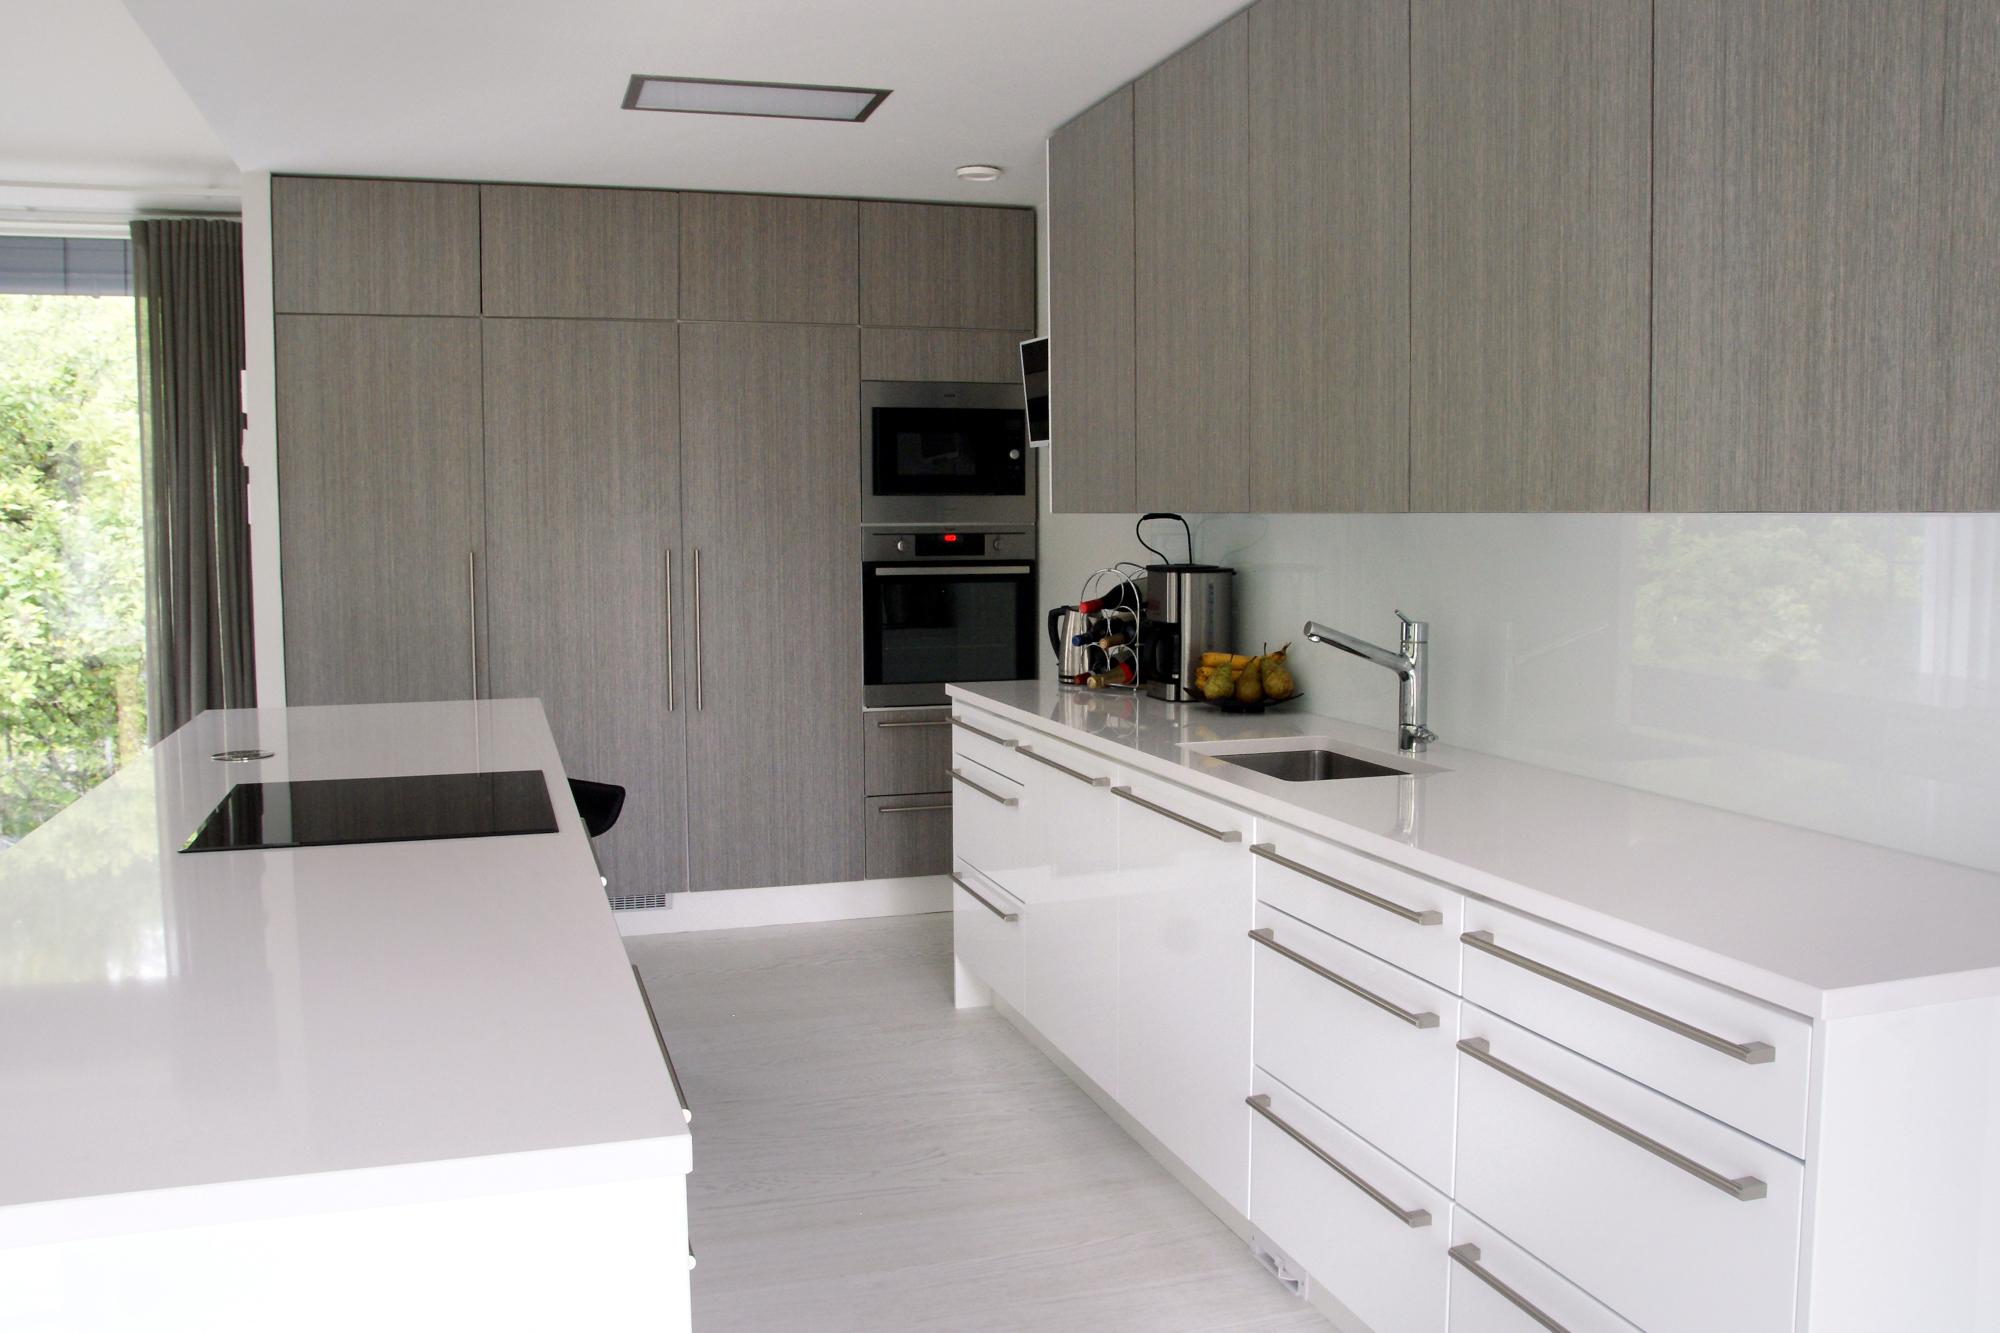 keittiönkaapit - mitta-keittiöt